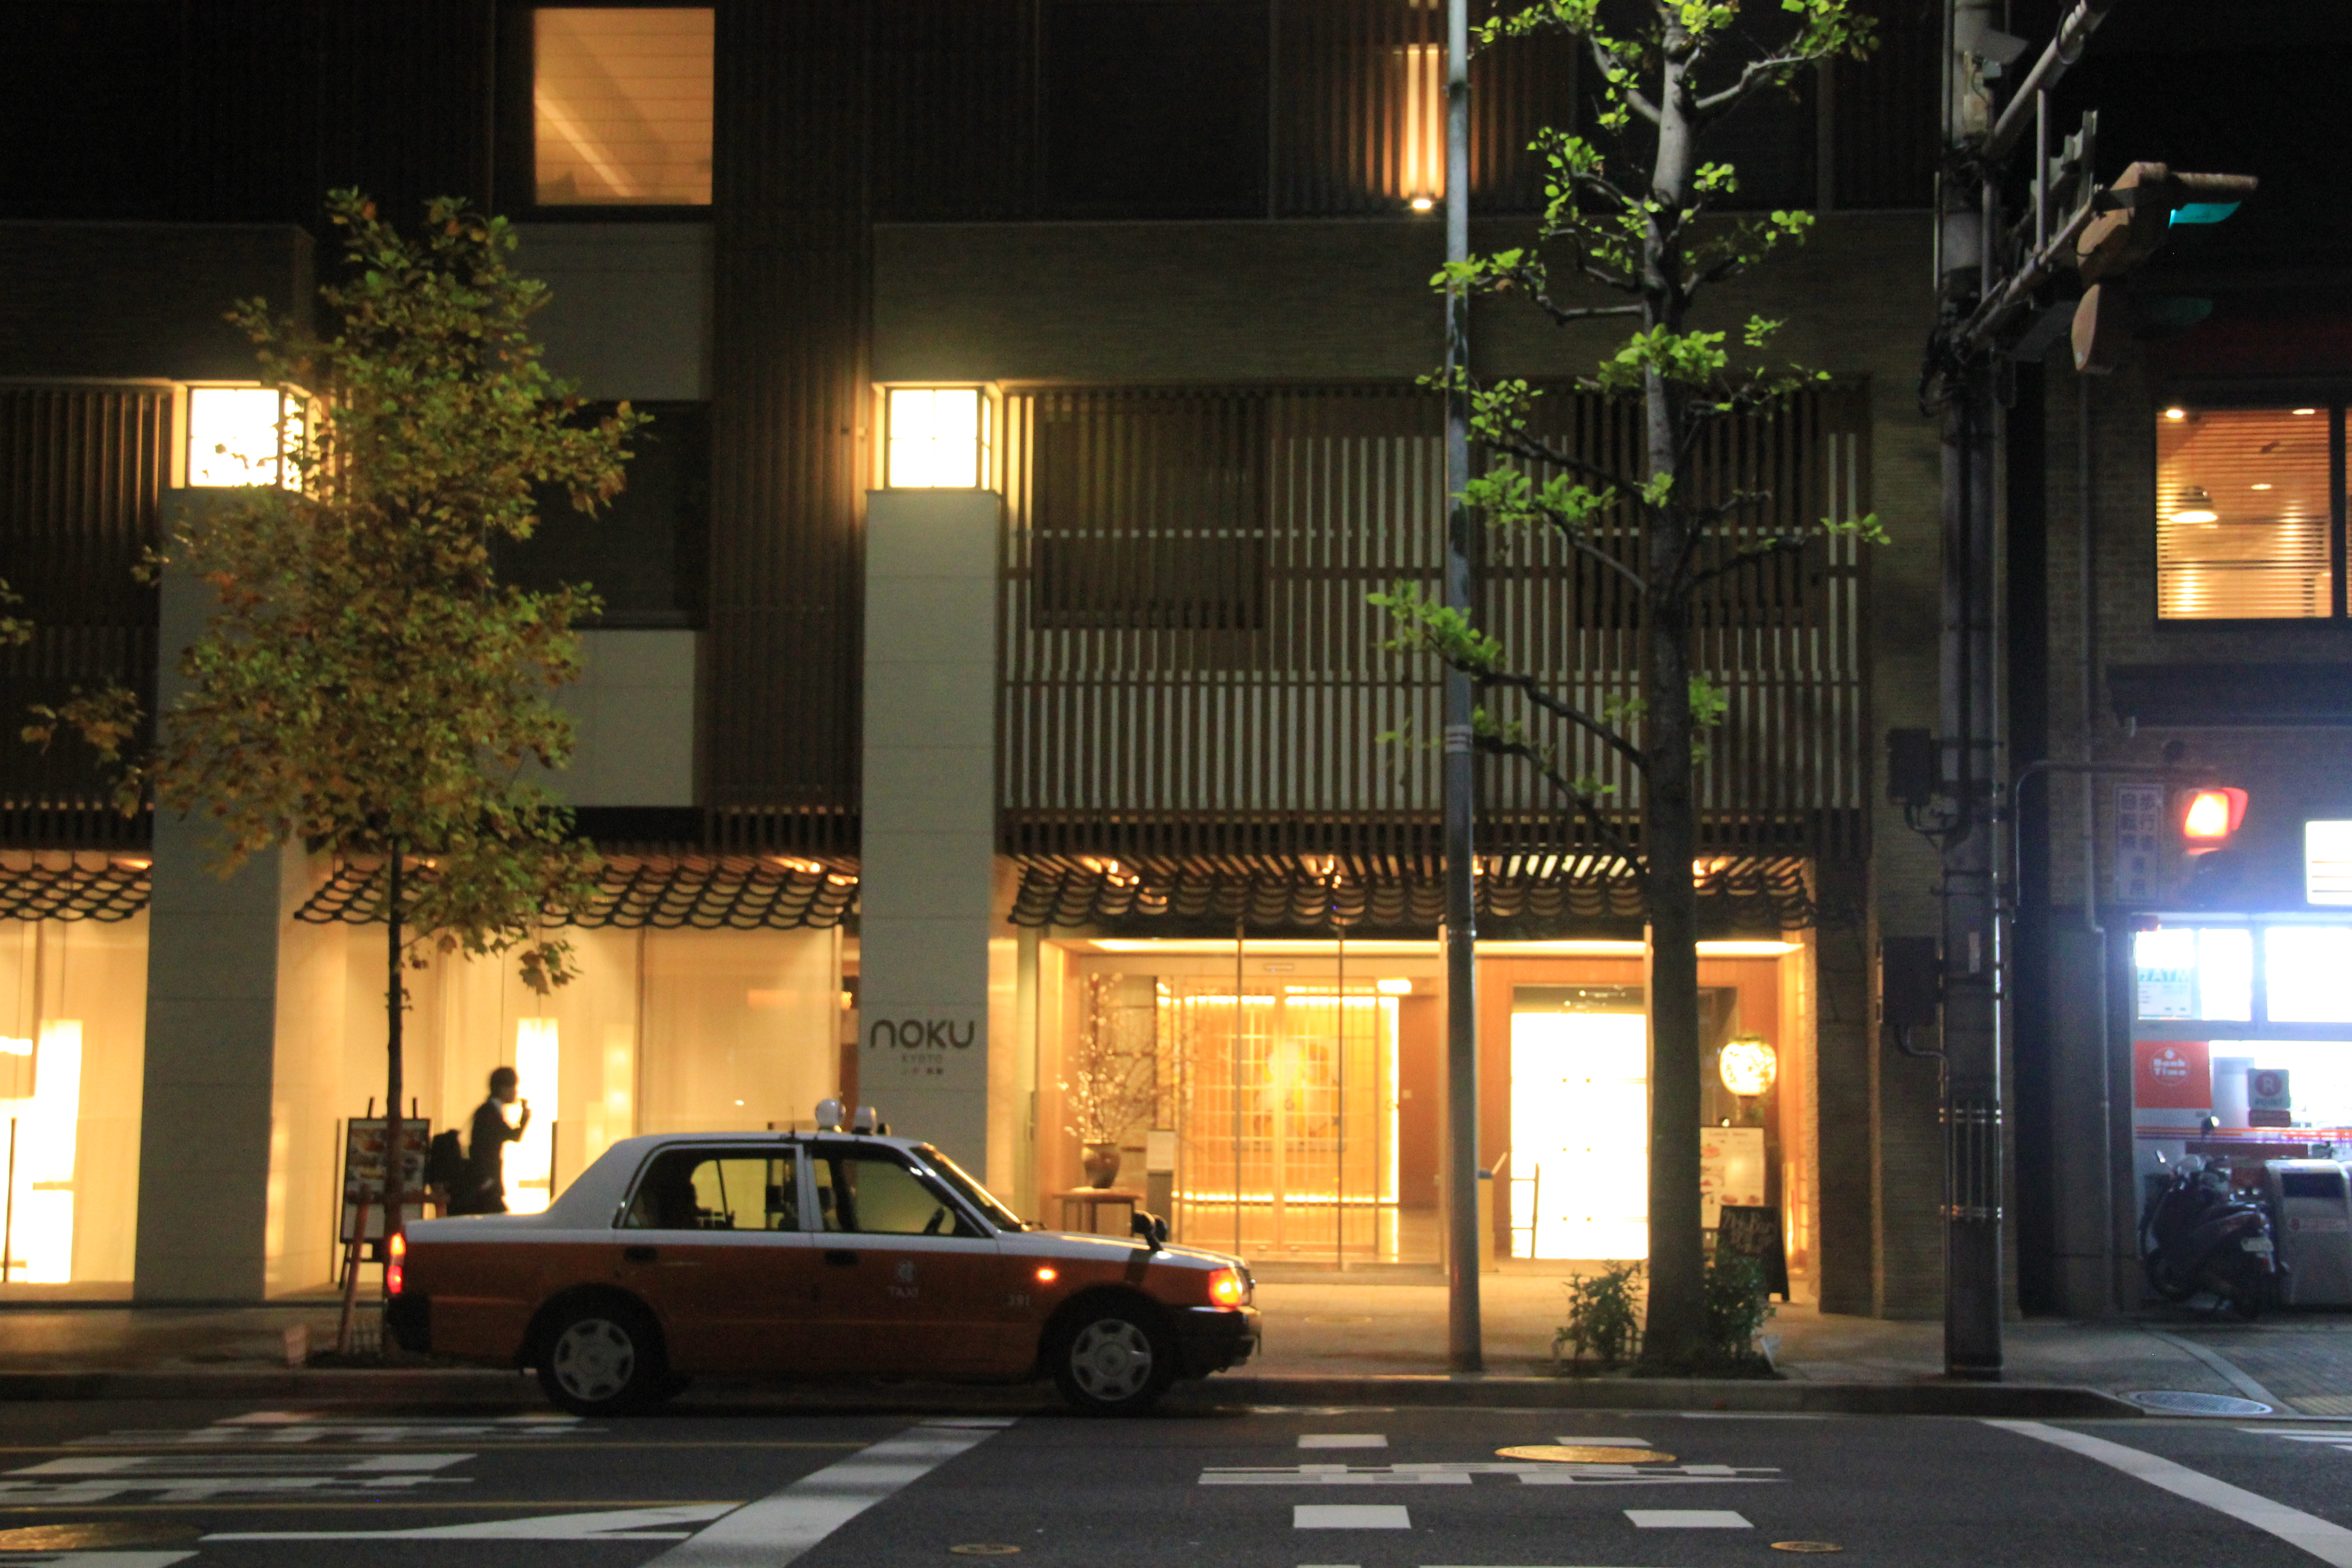 L'épure et le design du Noku réveillent Kyoto